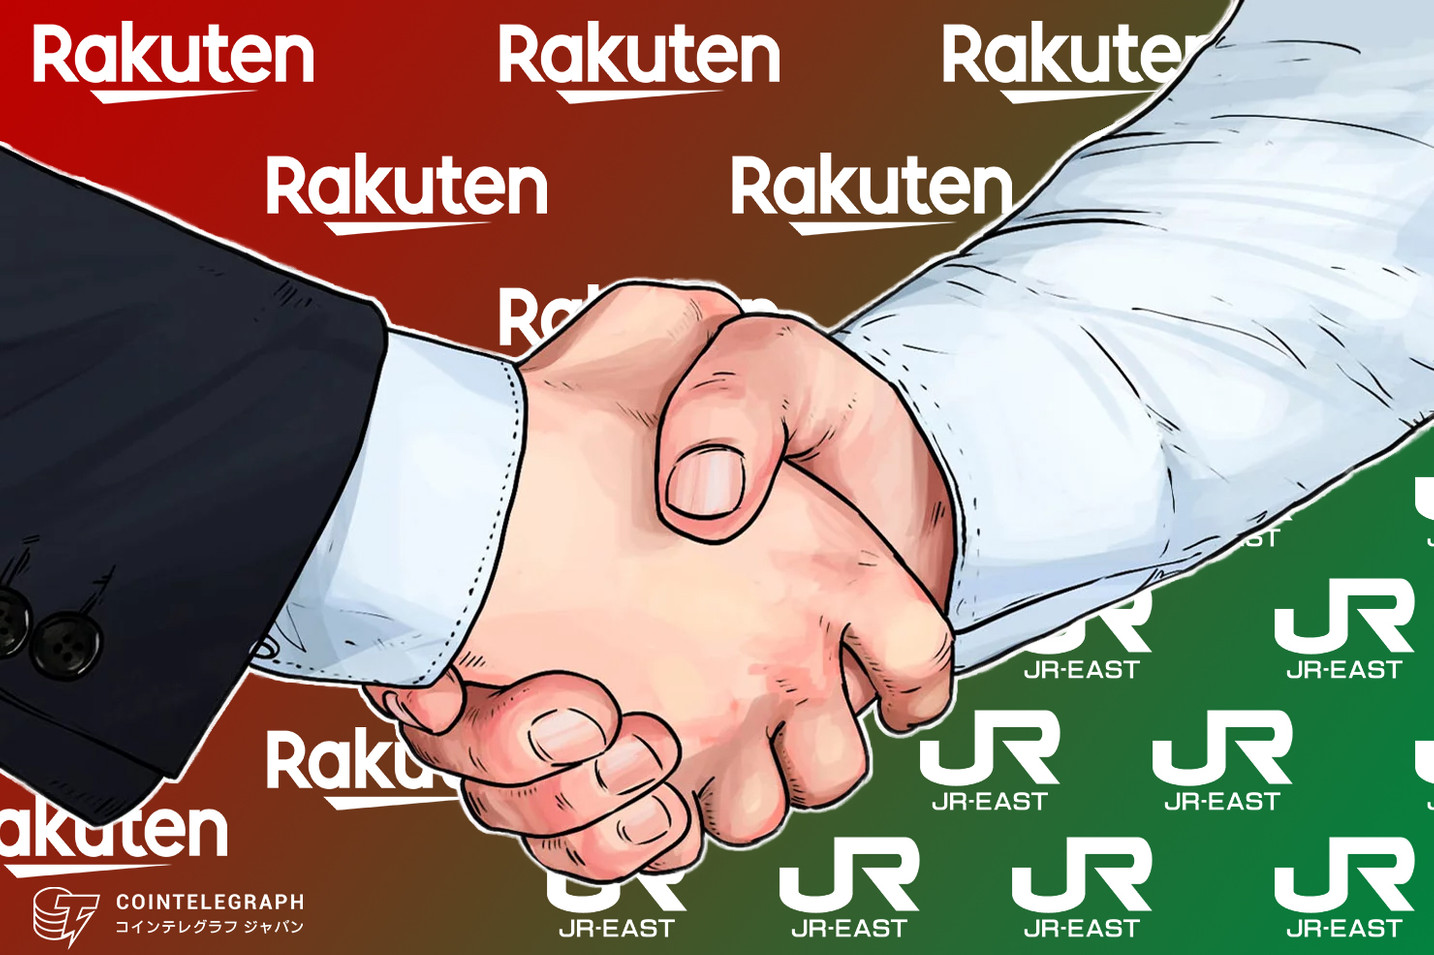 【速報】楽天とJR東日本、キャッシュレス決済領域で提携 楽天ペイでSUICAの発行やチャージが可能に